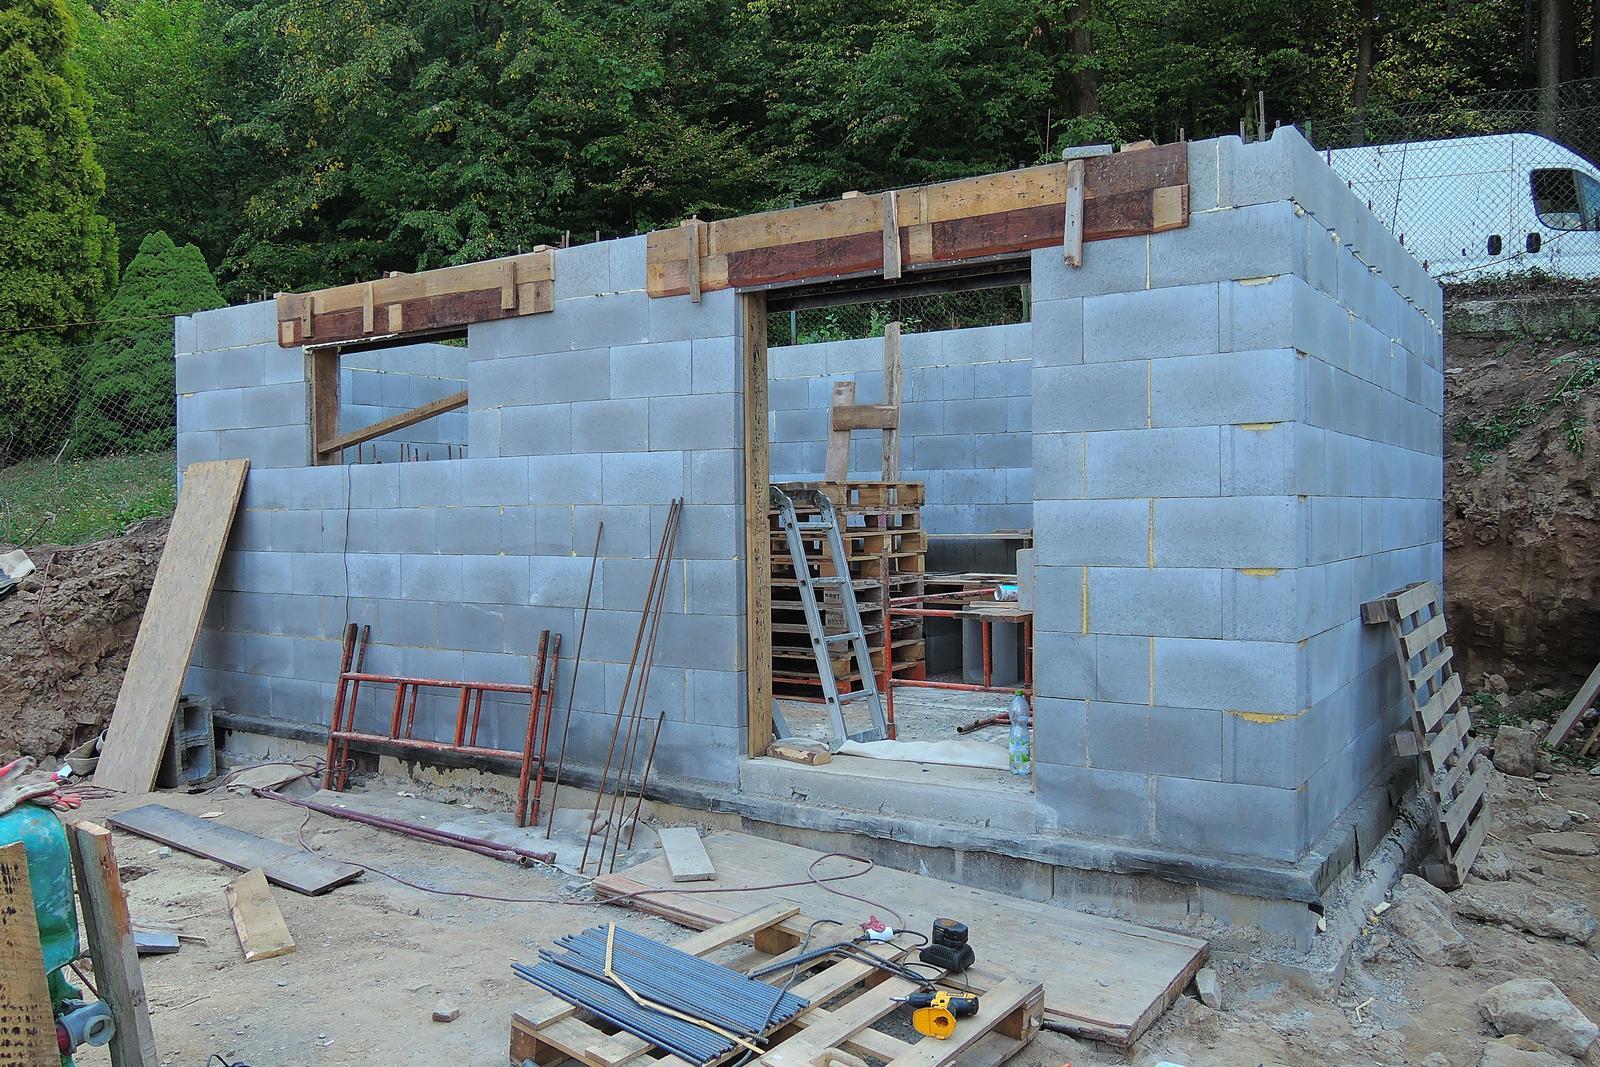 Stavba našeho bungalovu ve svahu - Obrázek č. 15